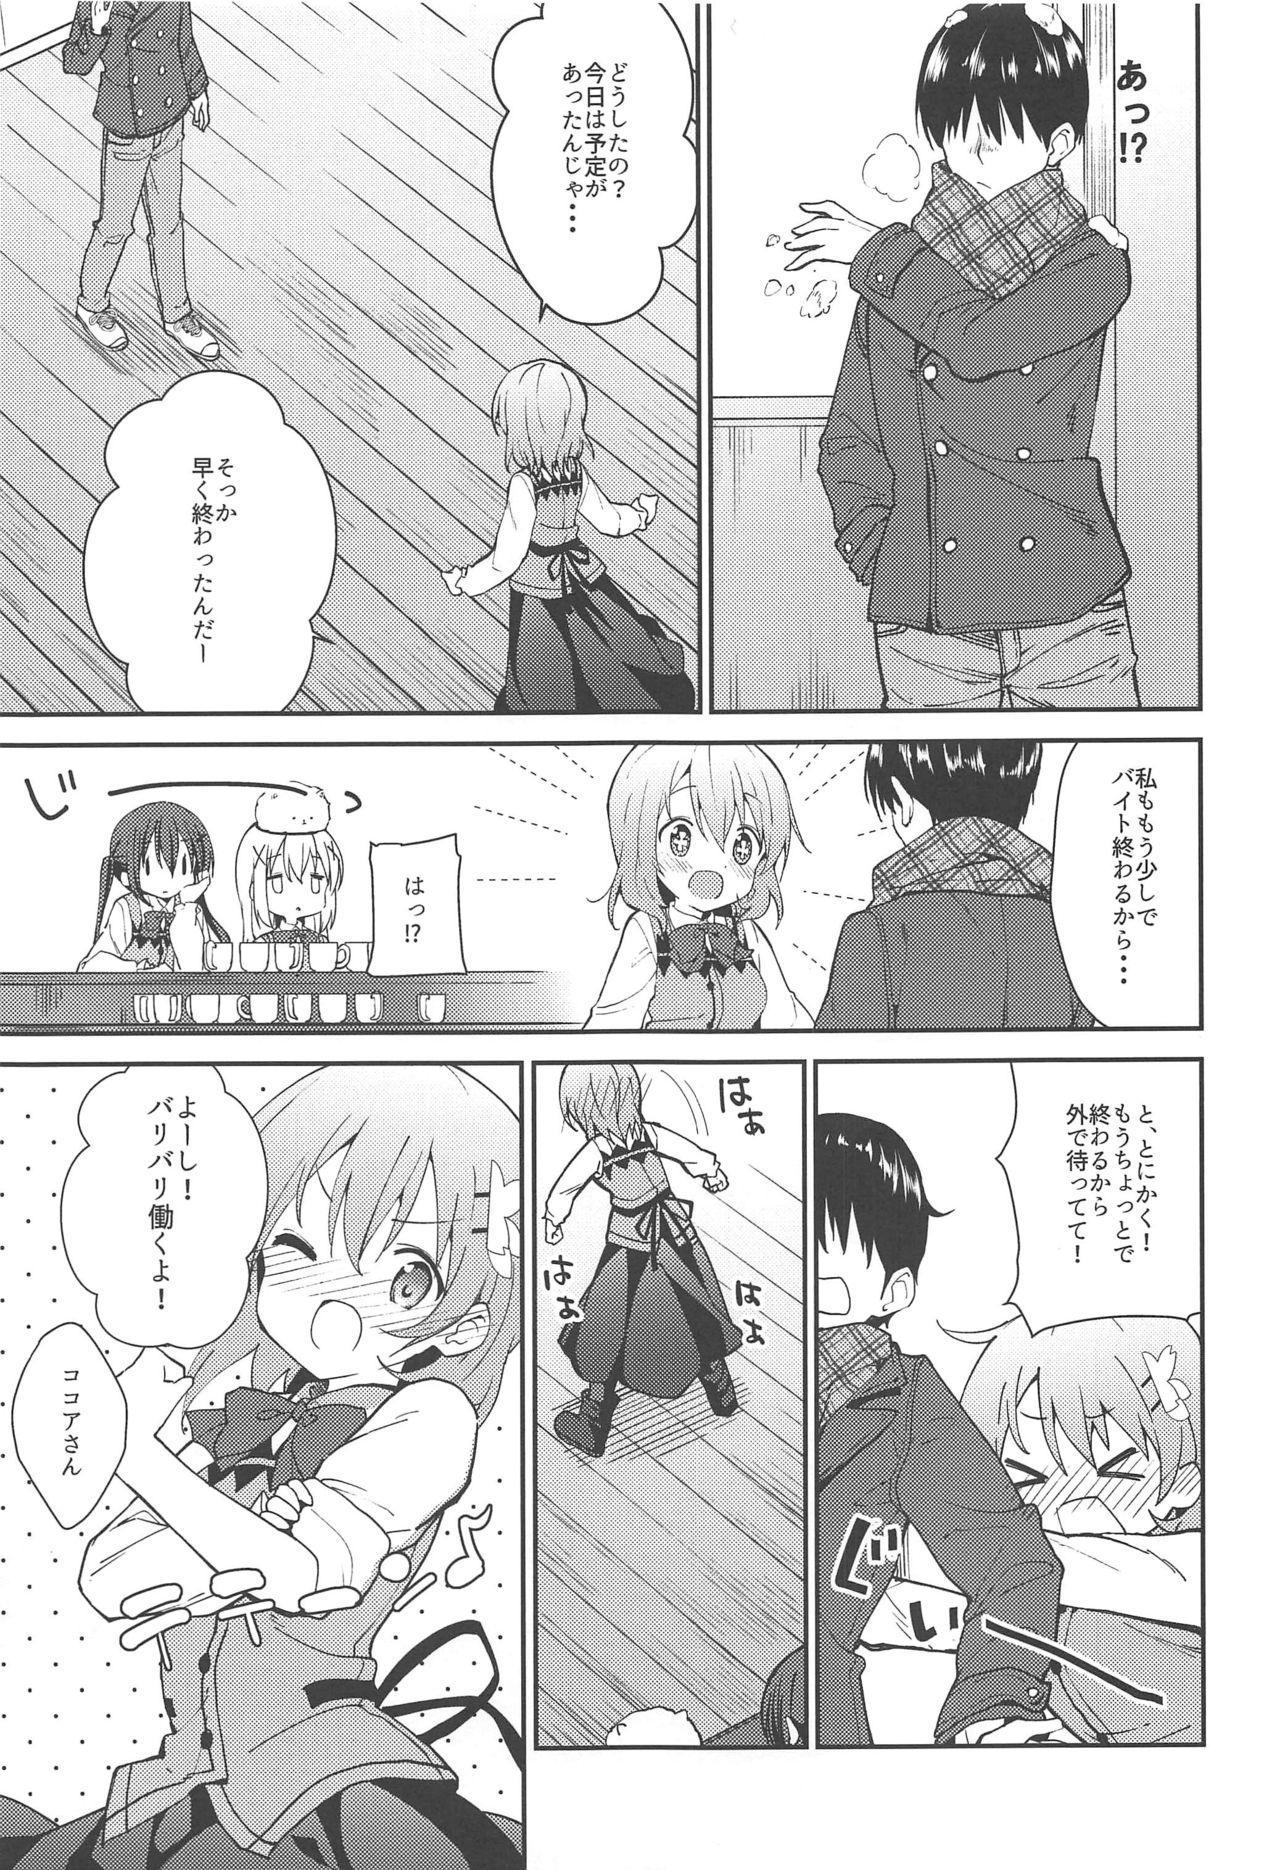 Attakai Kokoa wa Ikaga desu ka? - How about warm cocoa? 5